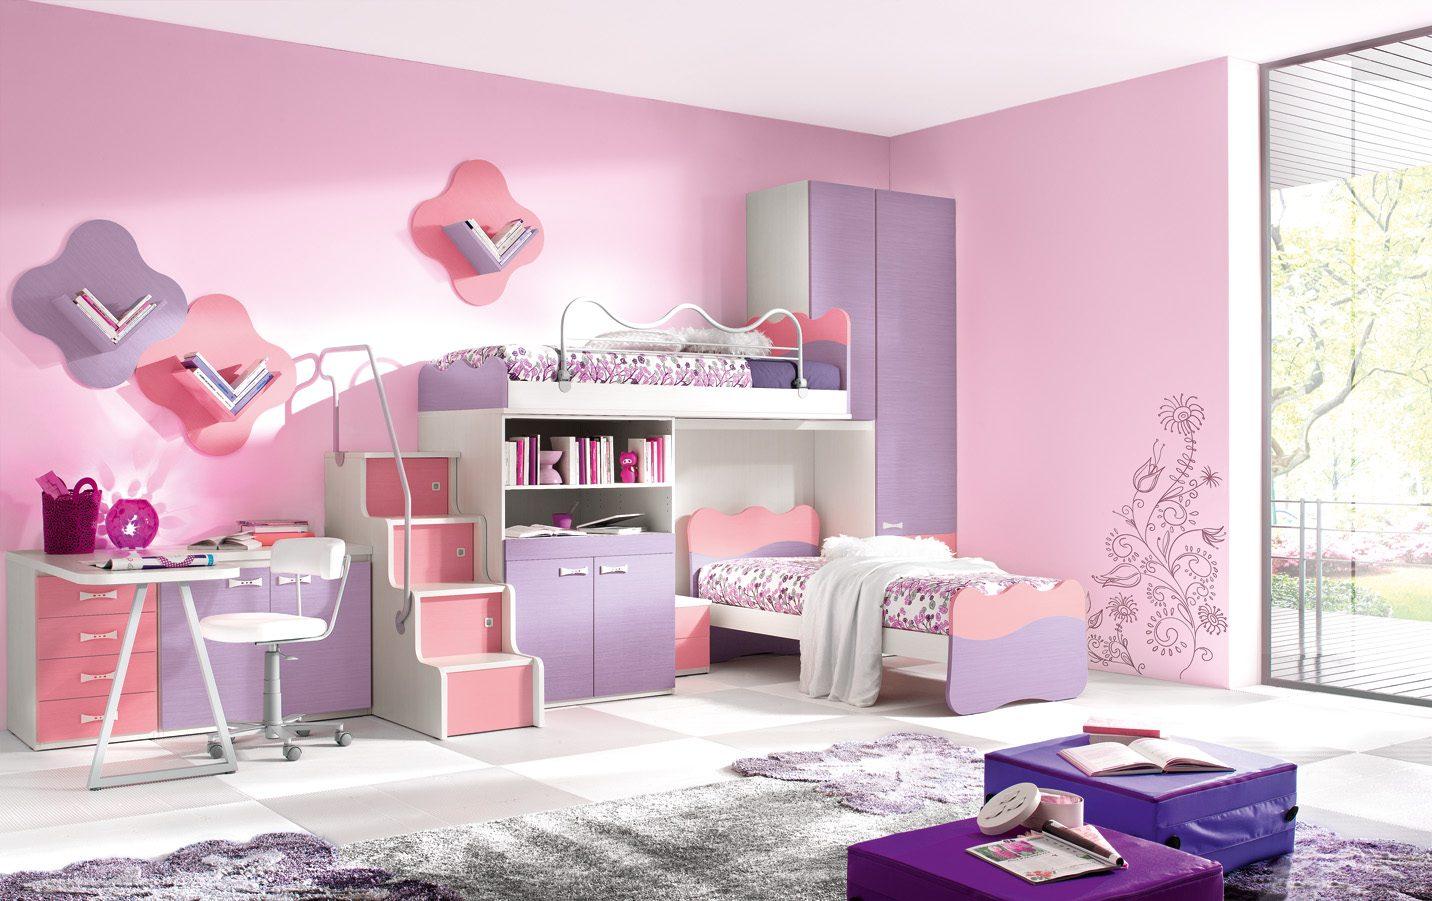 بالصور دهانات غرف اطفال , احدث الدهانات لغرفة طفلك 869 8